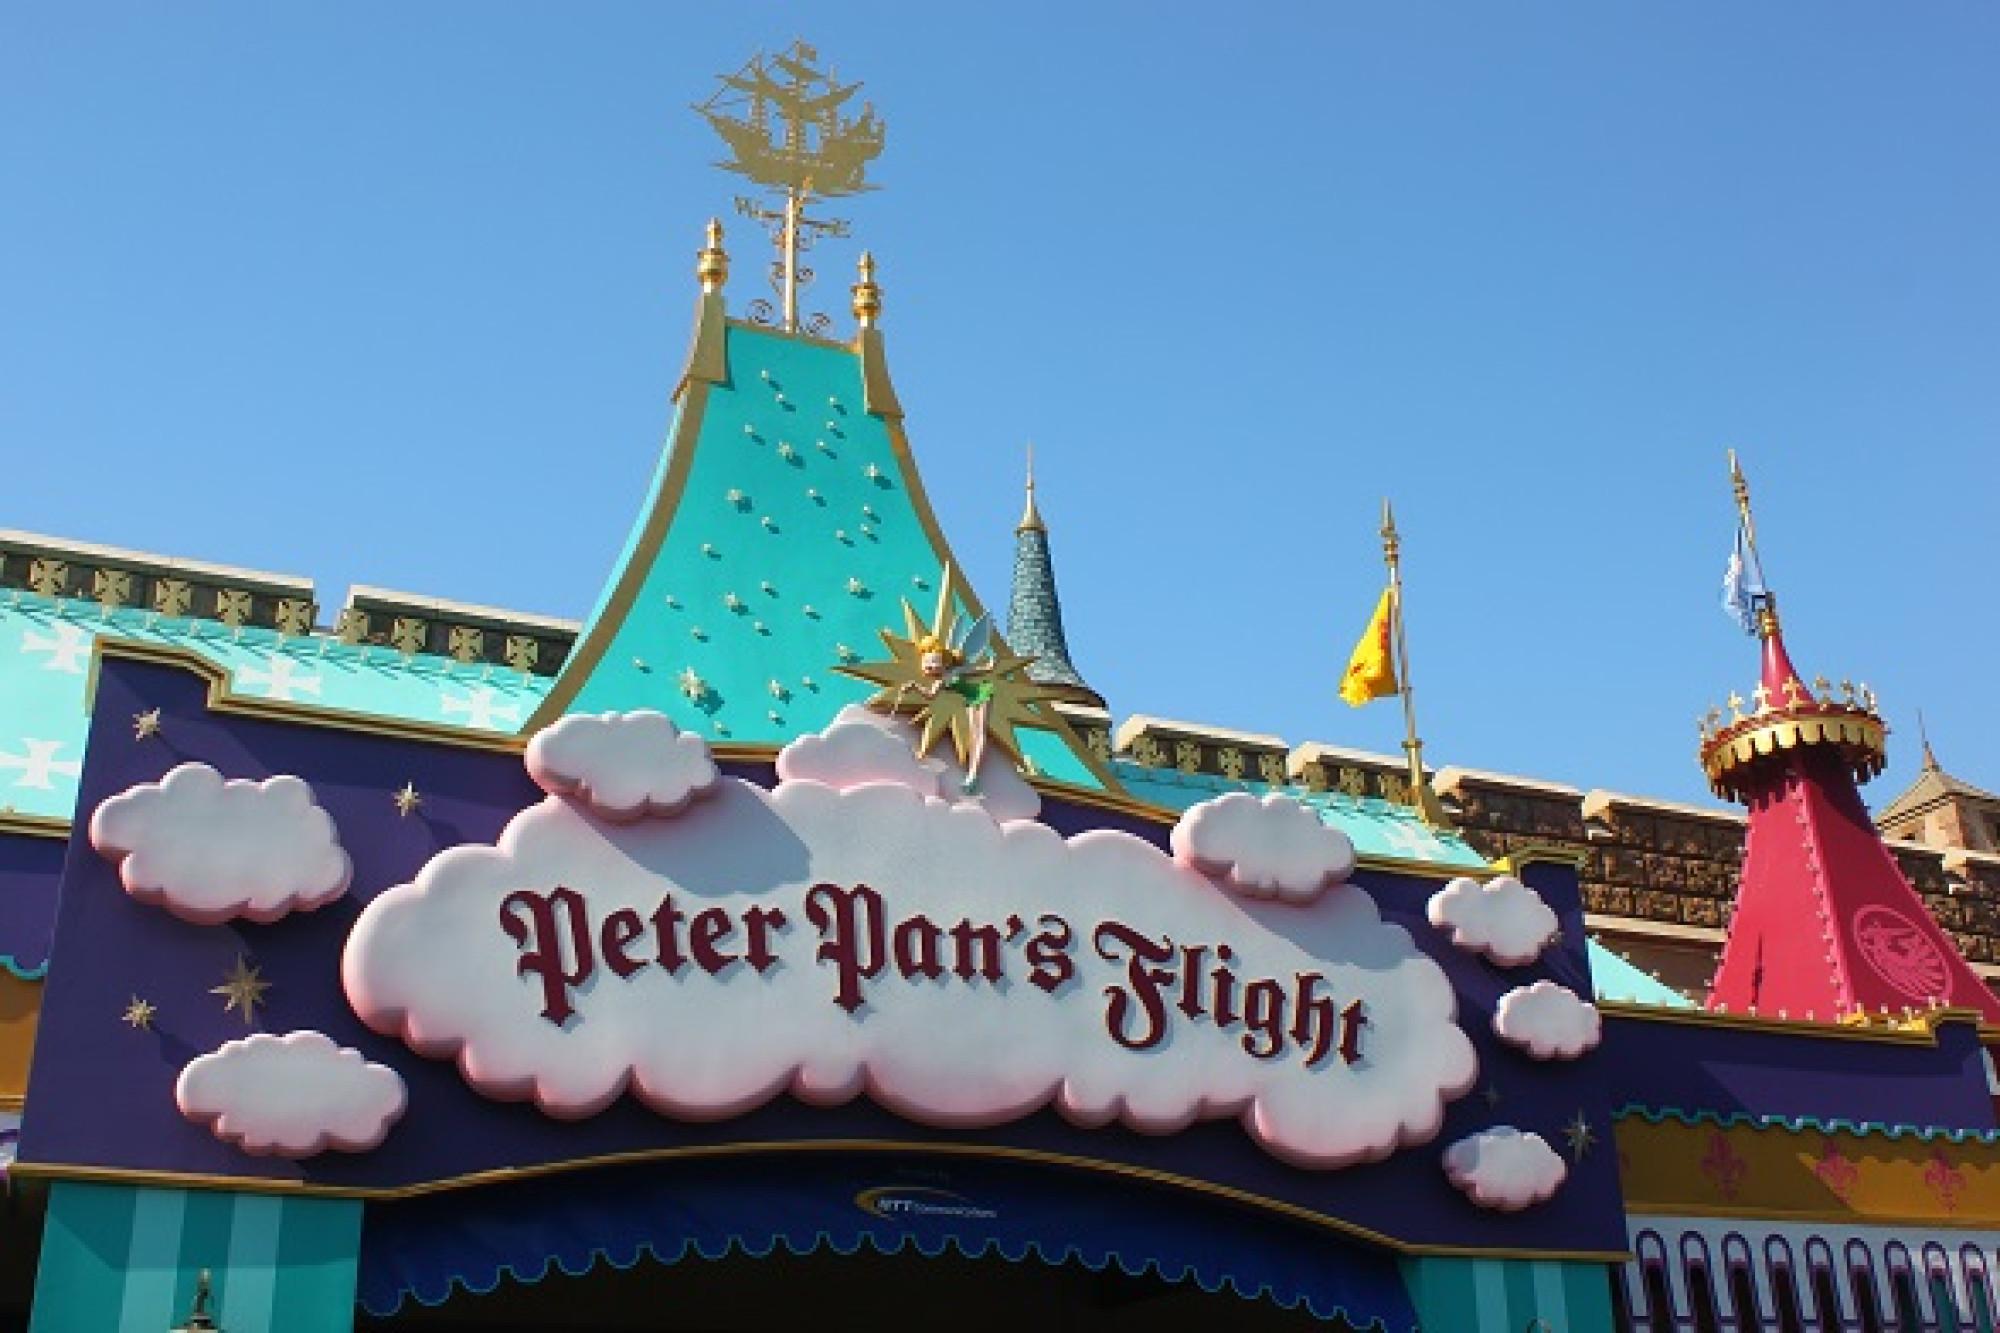 ピーターパン空の旅は、ほとんど屋外で待つことに